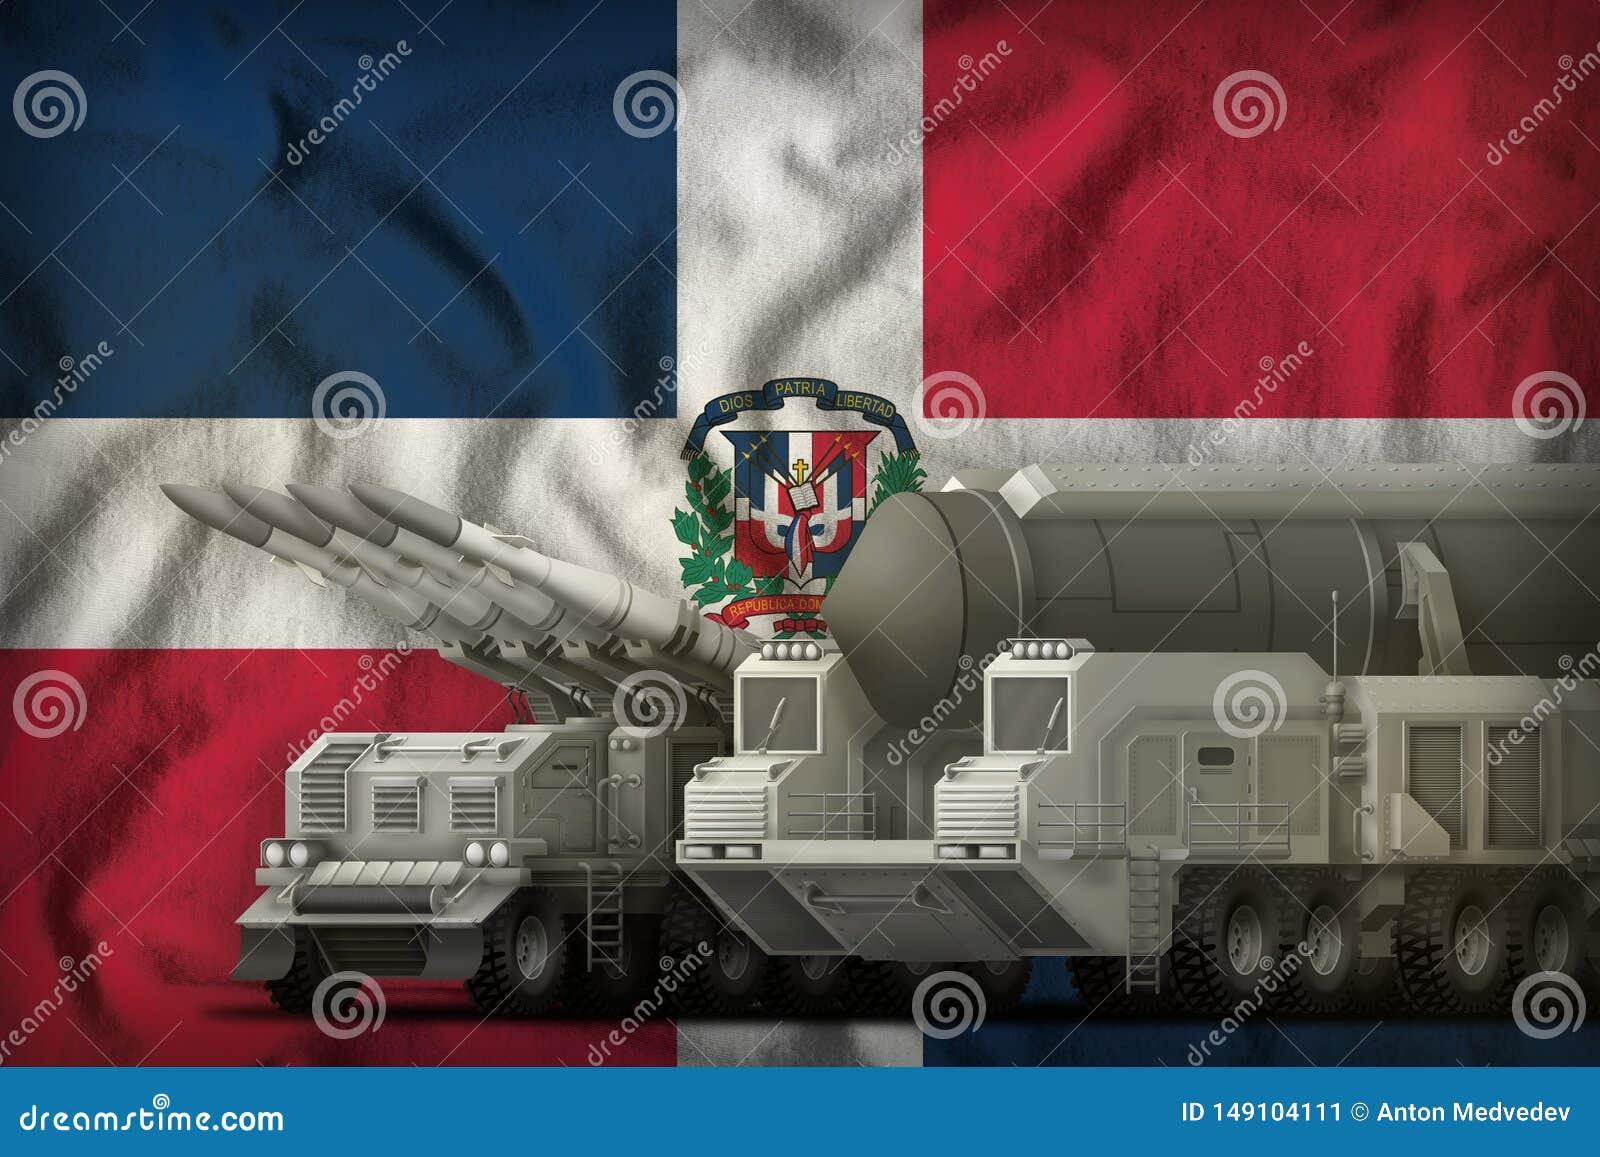 Conceito das tropas do foguete da Rep?blica Dominicana no fundo da bandeira nacional ilustra??o 3D